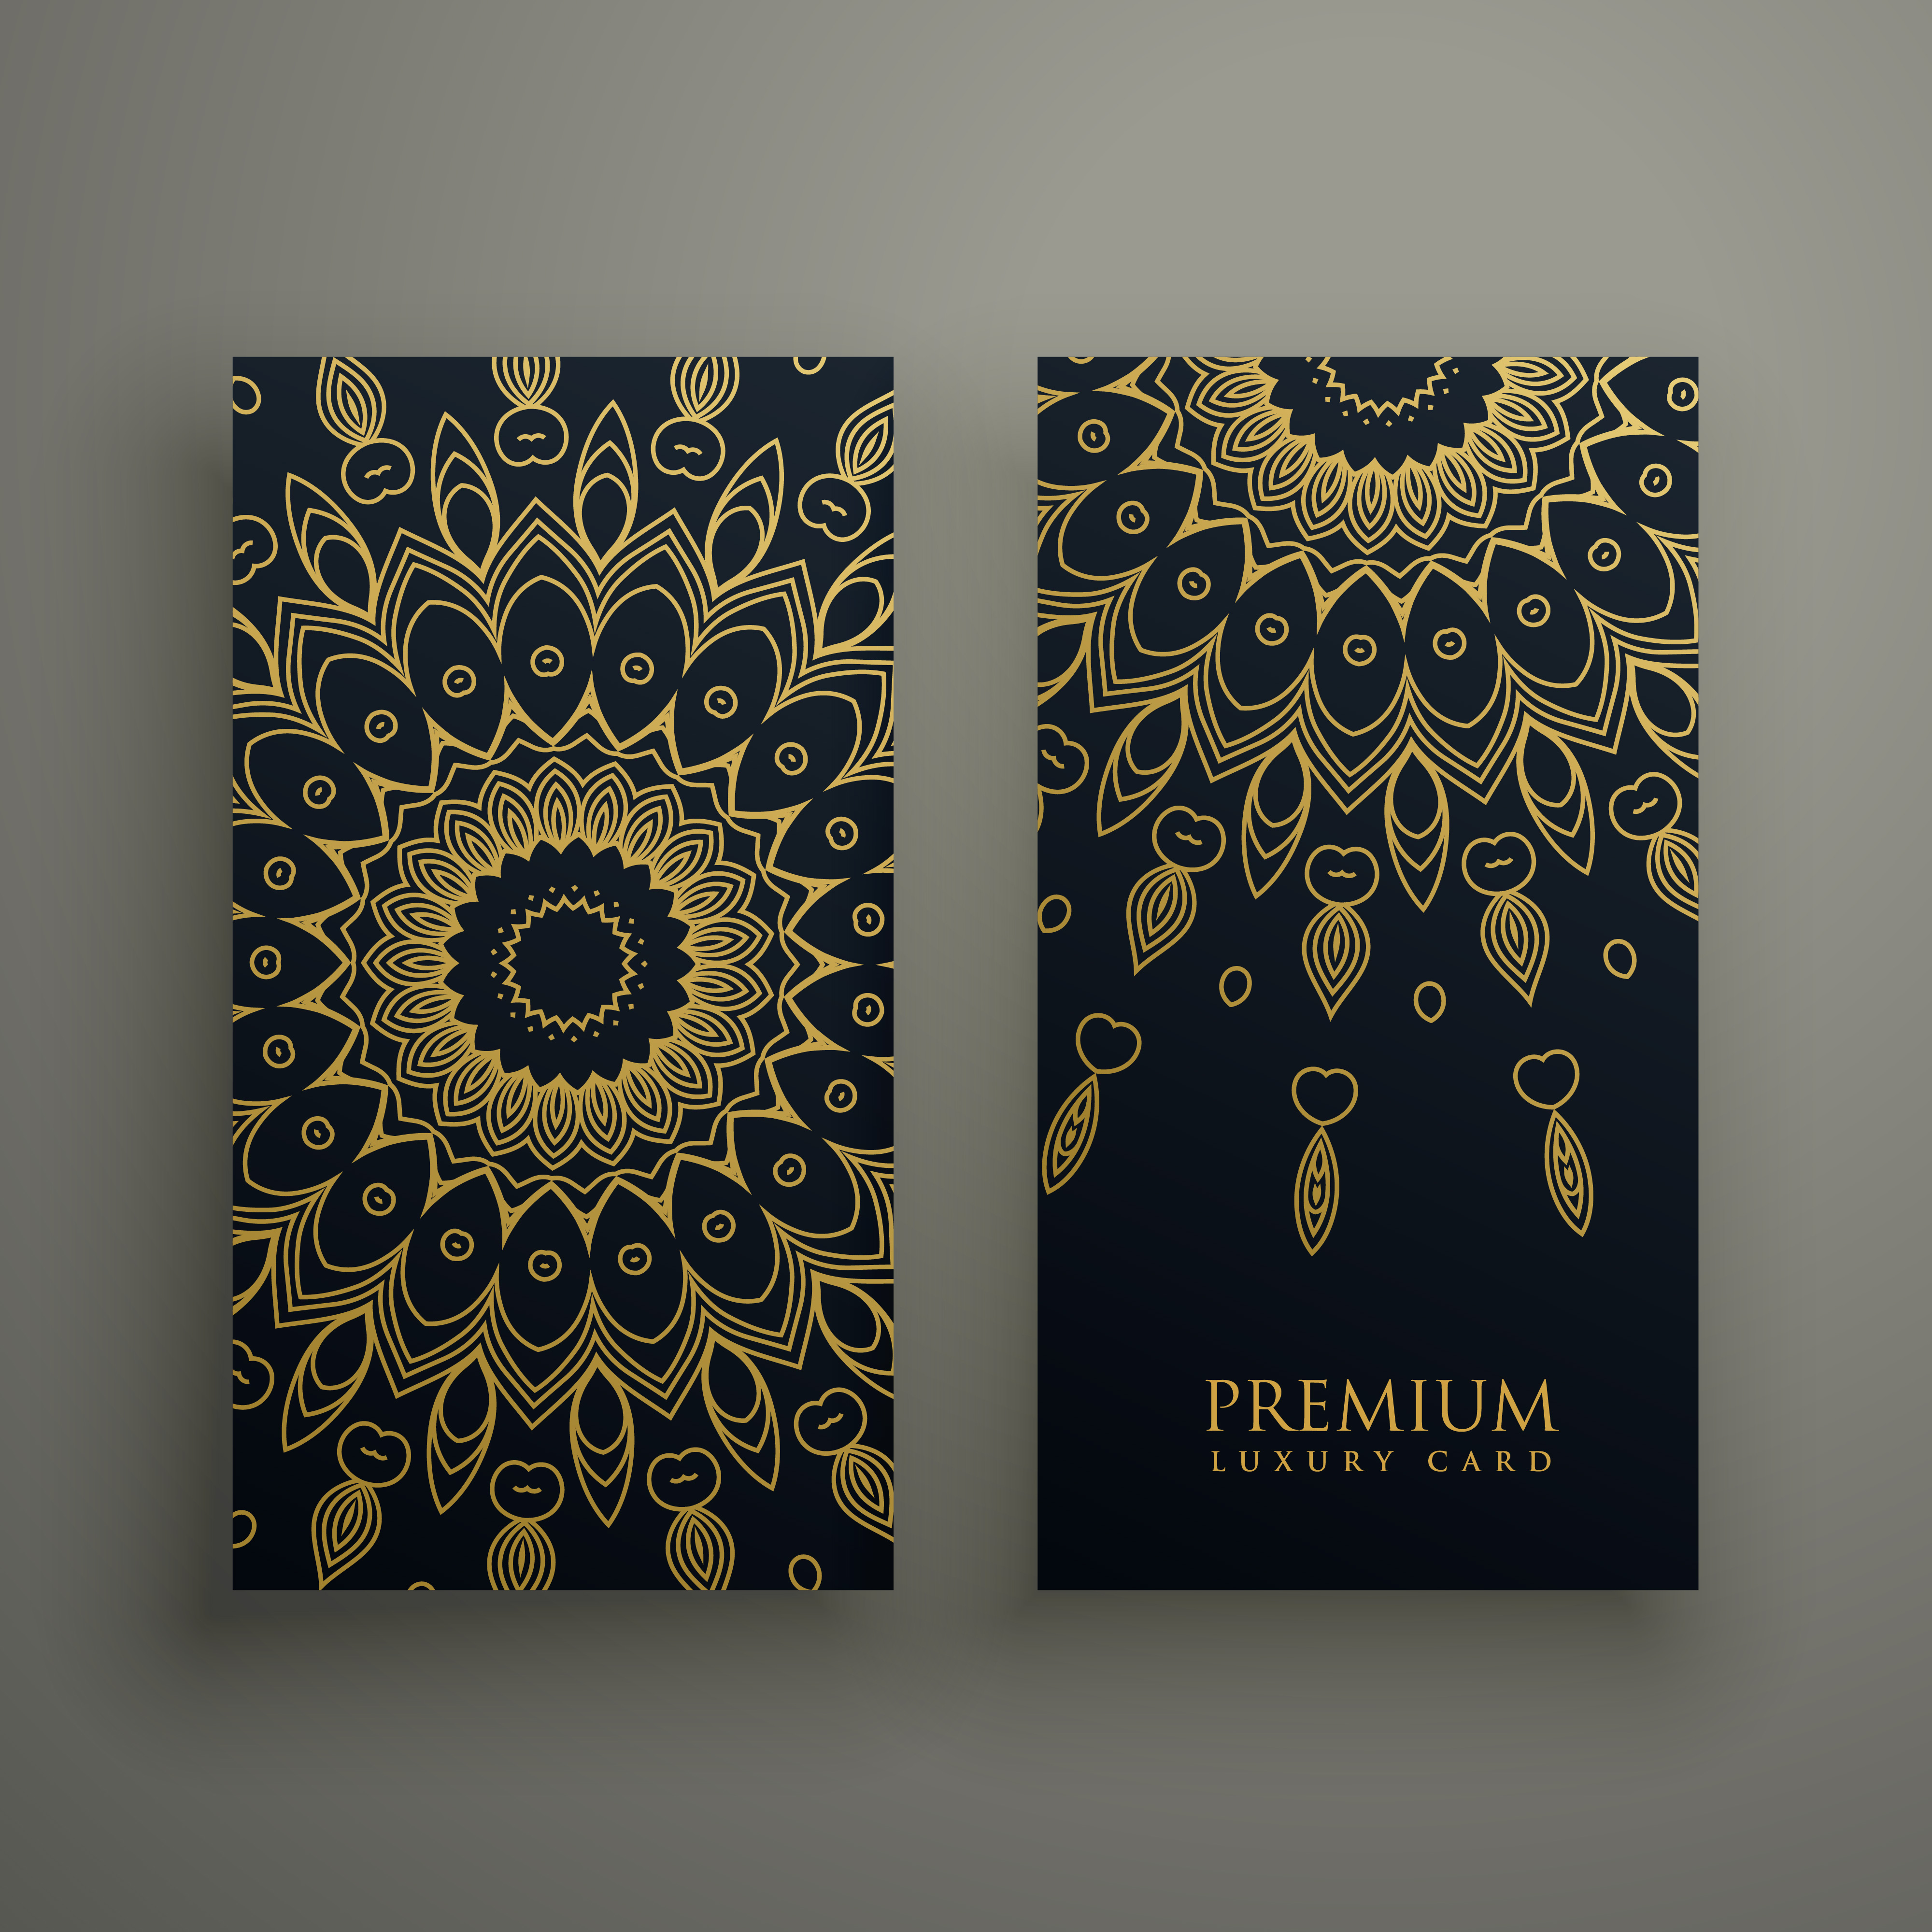 dark mandala card or banners design